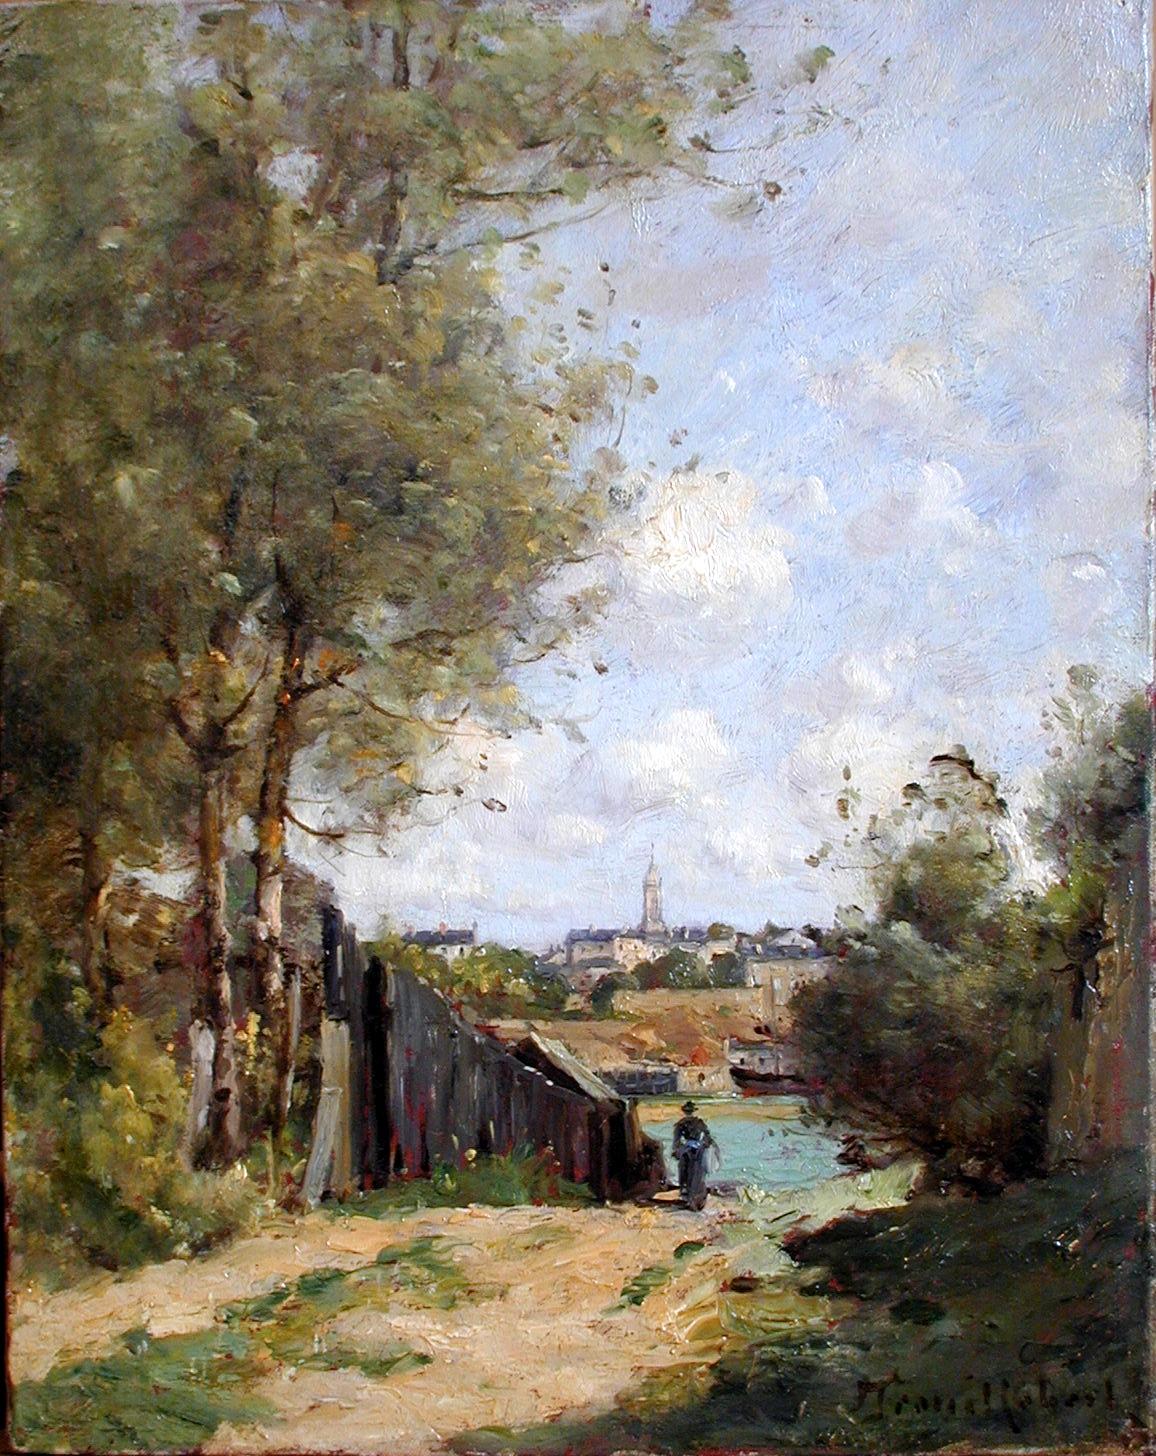 Désiré Trouillebert, La Loire à Trentemoult, vers 1895 © Musée de Valence, photographie Béatrice Roussel